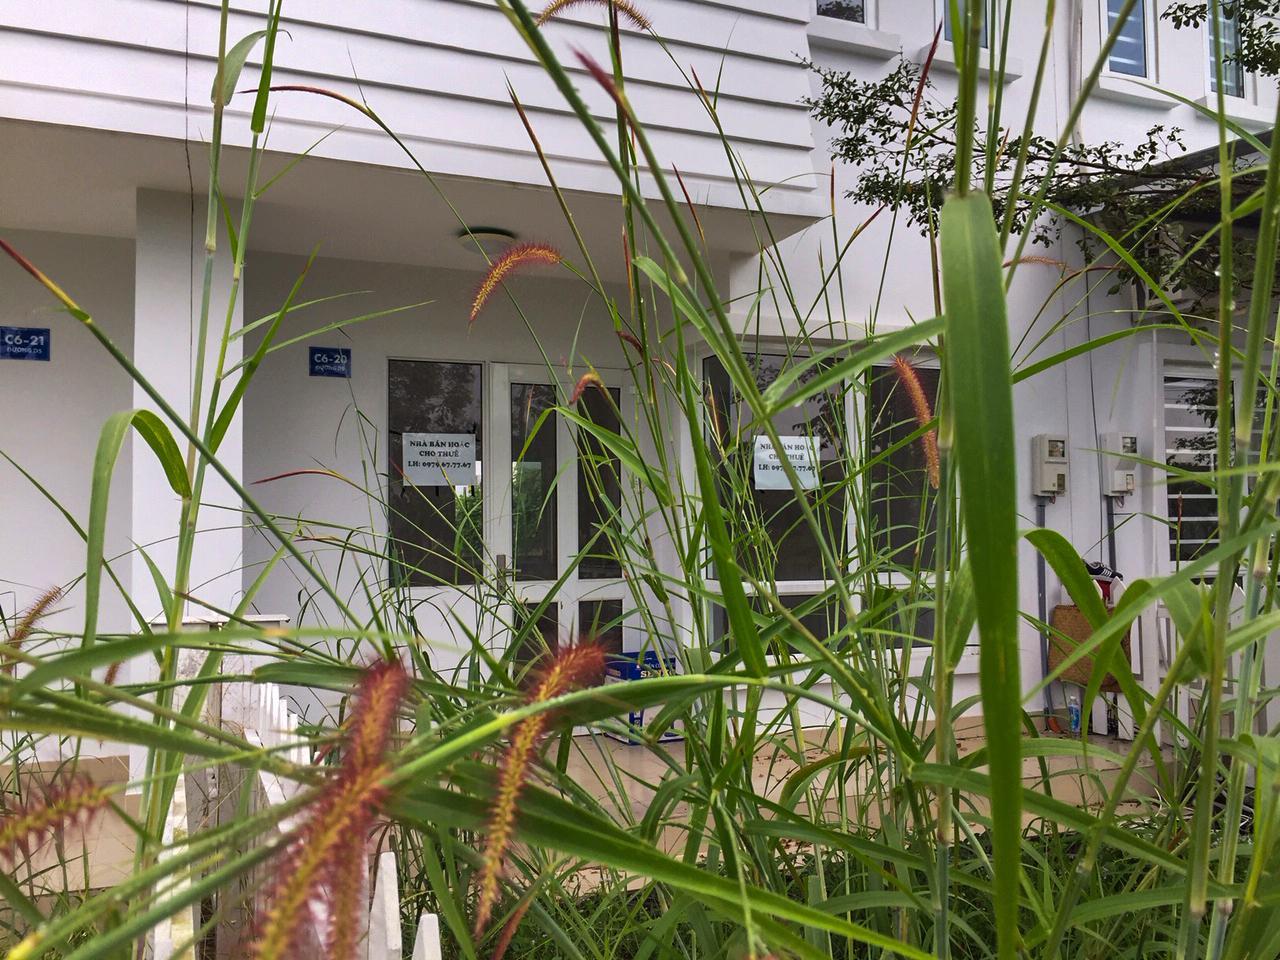 Bên trong khuôn viên các căn hộ có giá từ 1,3 - 1,5 tỷ đồng cỏ mọc um tùm. Ảnh: V.D